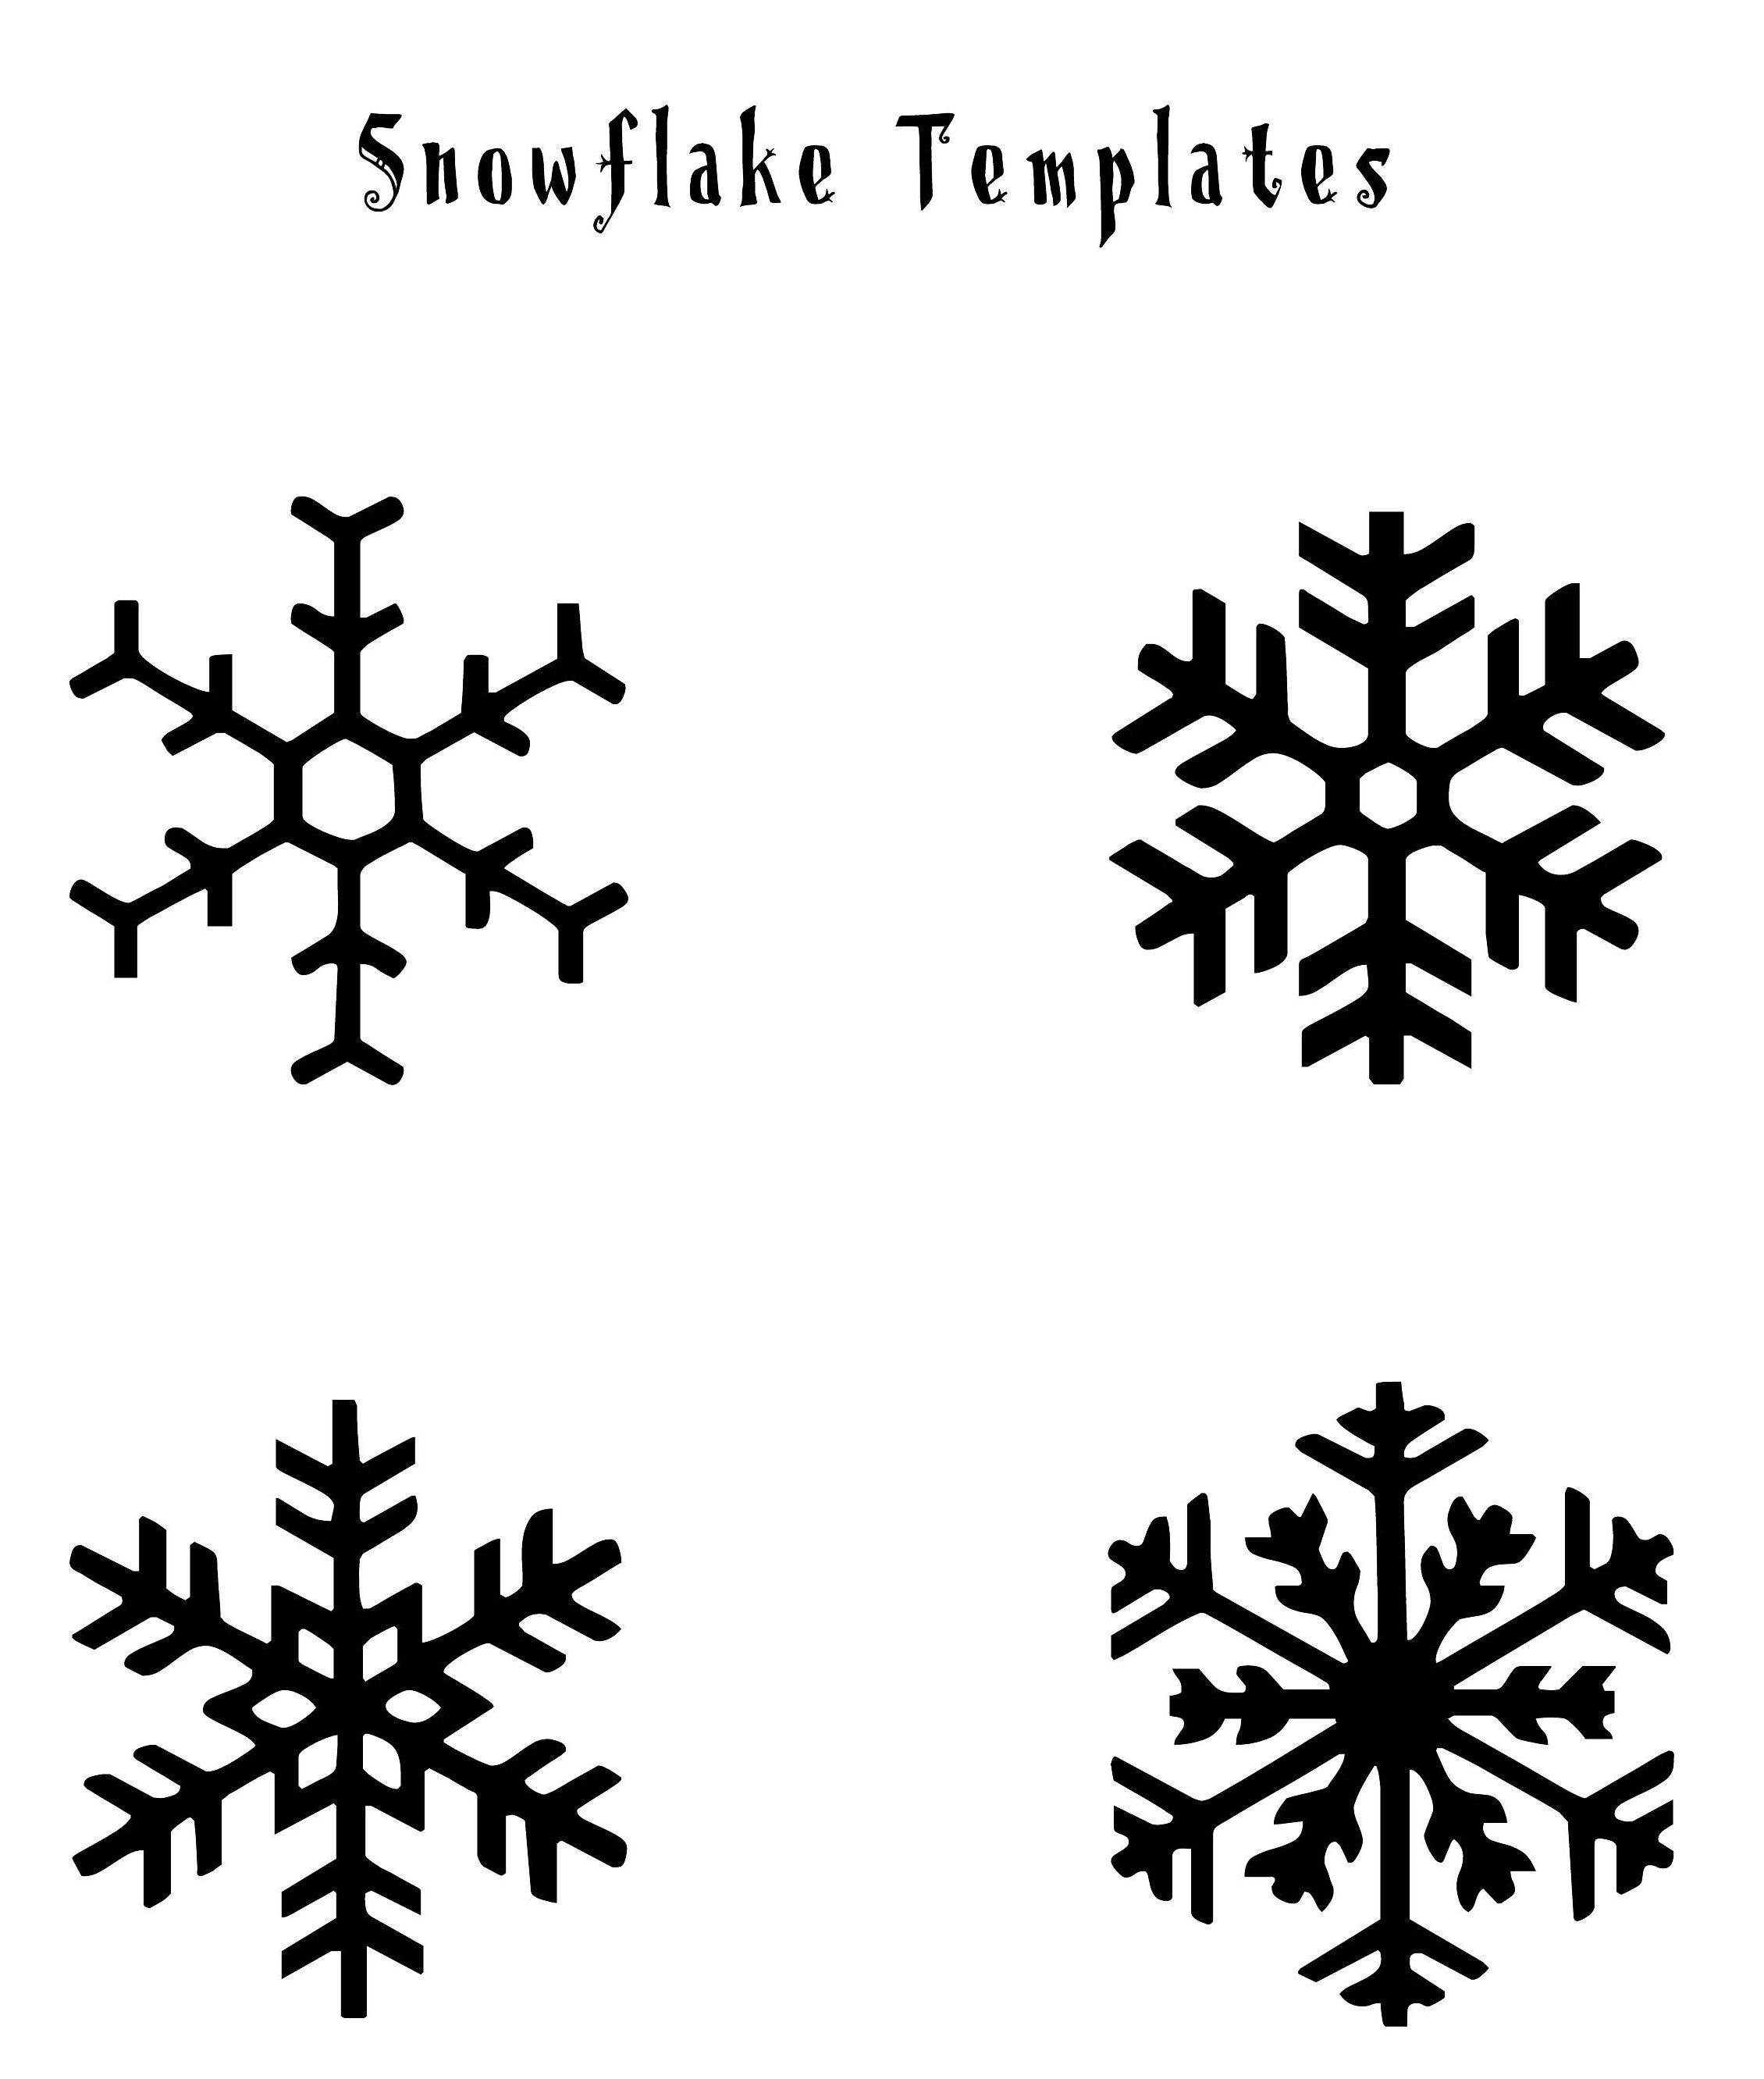 Snowflakes | Christmas | Snowflakes Diy Template, Snowflakes Art - Free Printable Snowflake Patterns